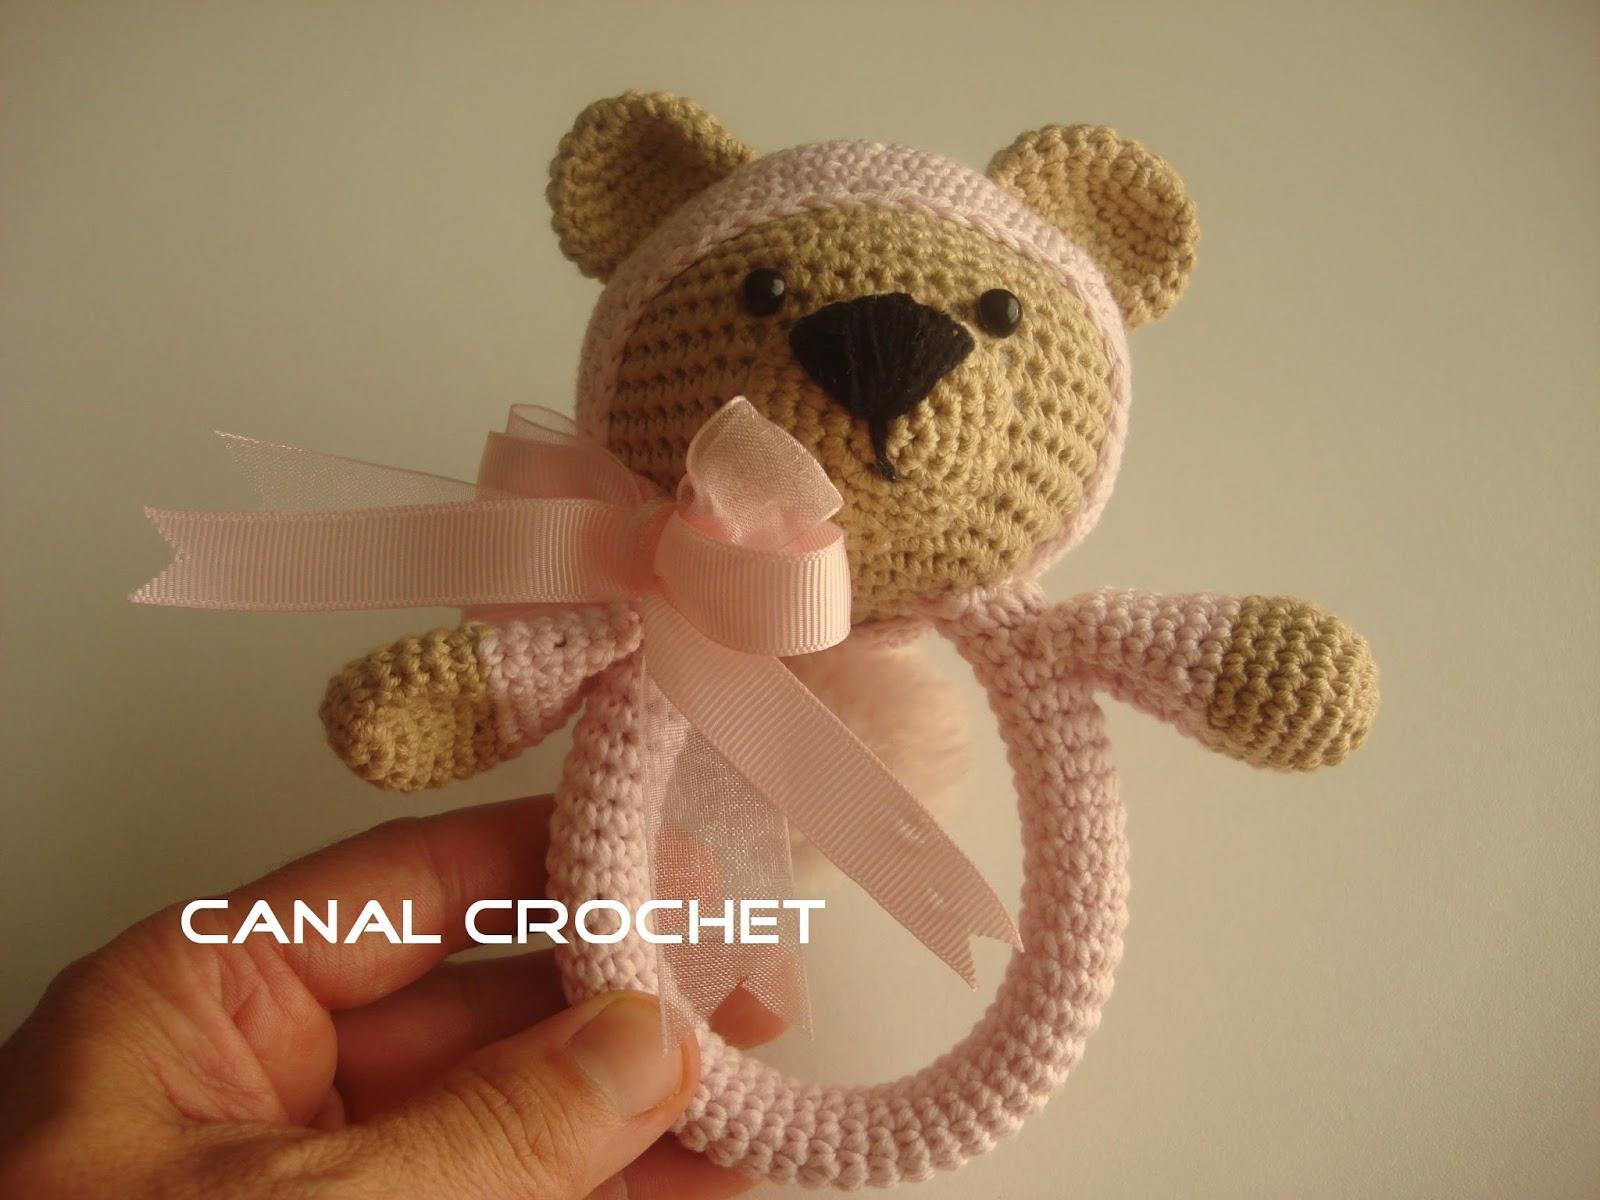 CANAL CROCHET: Sonajero crochet osito